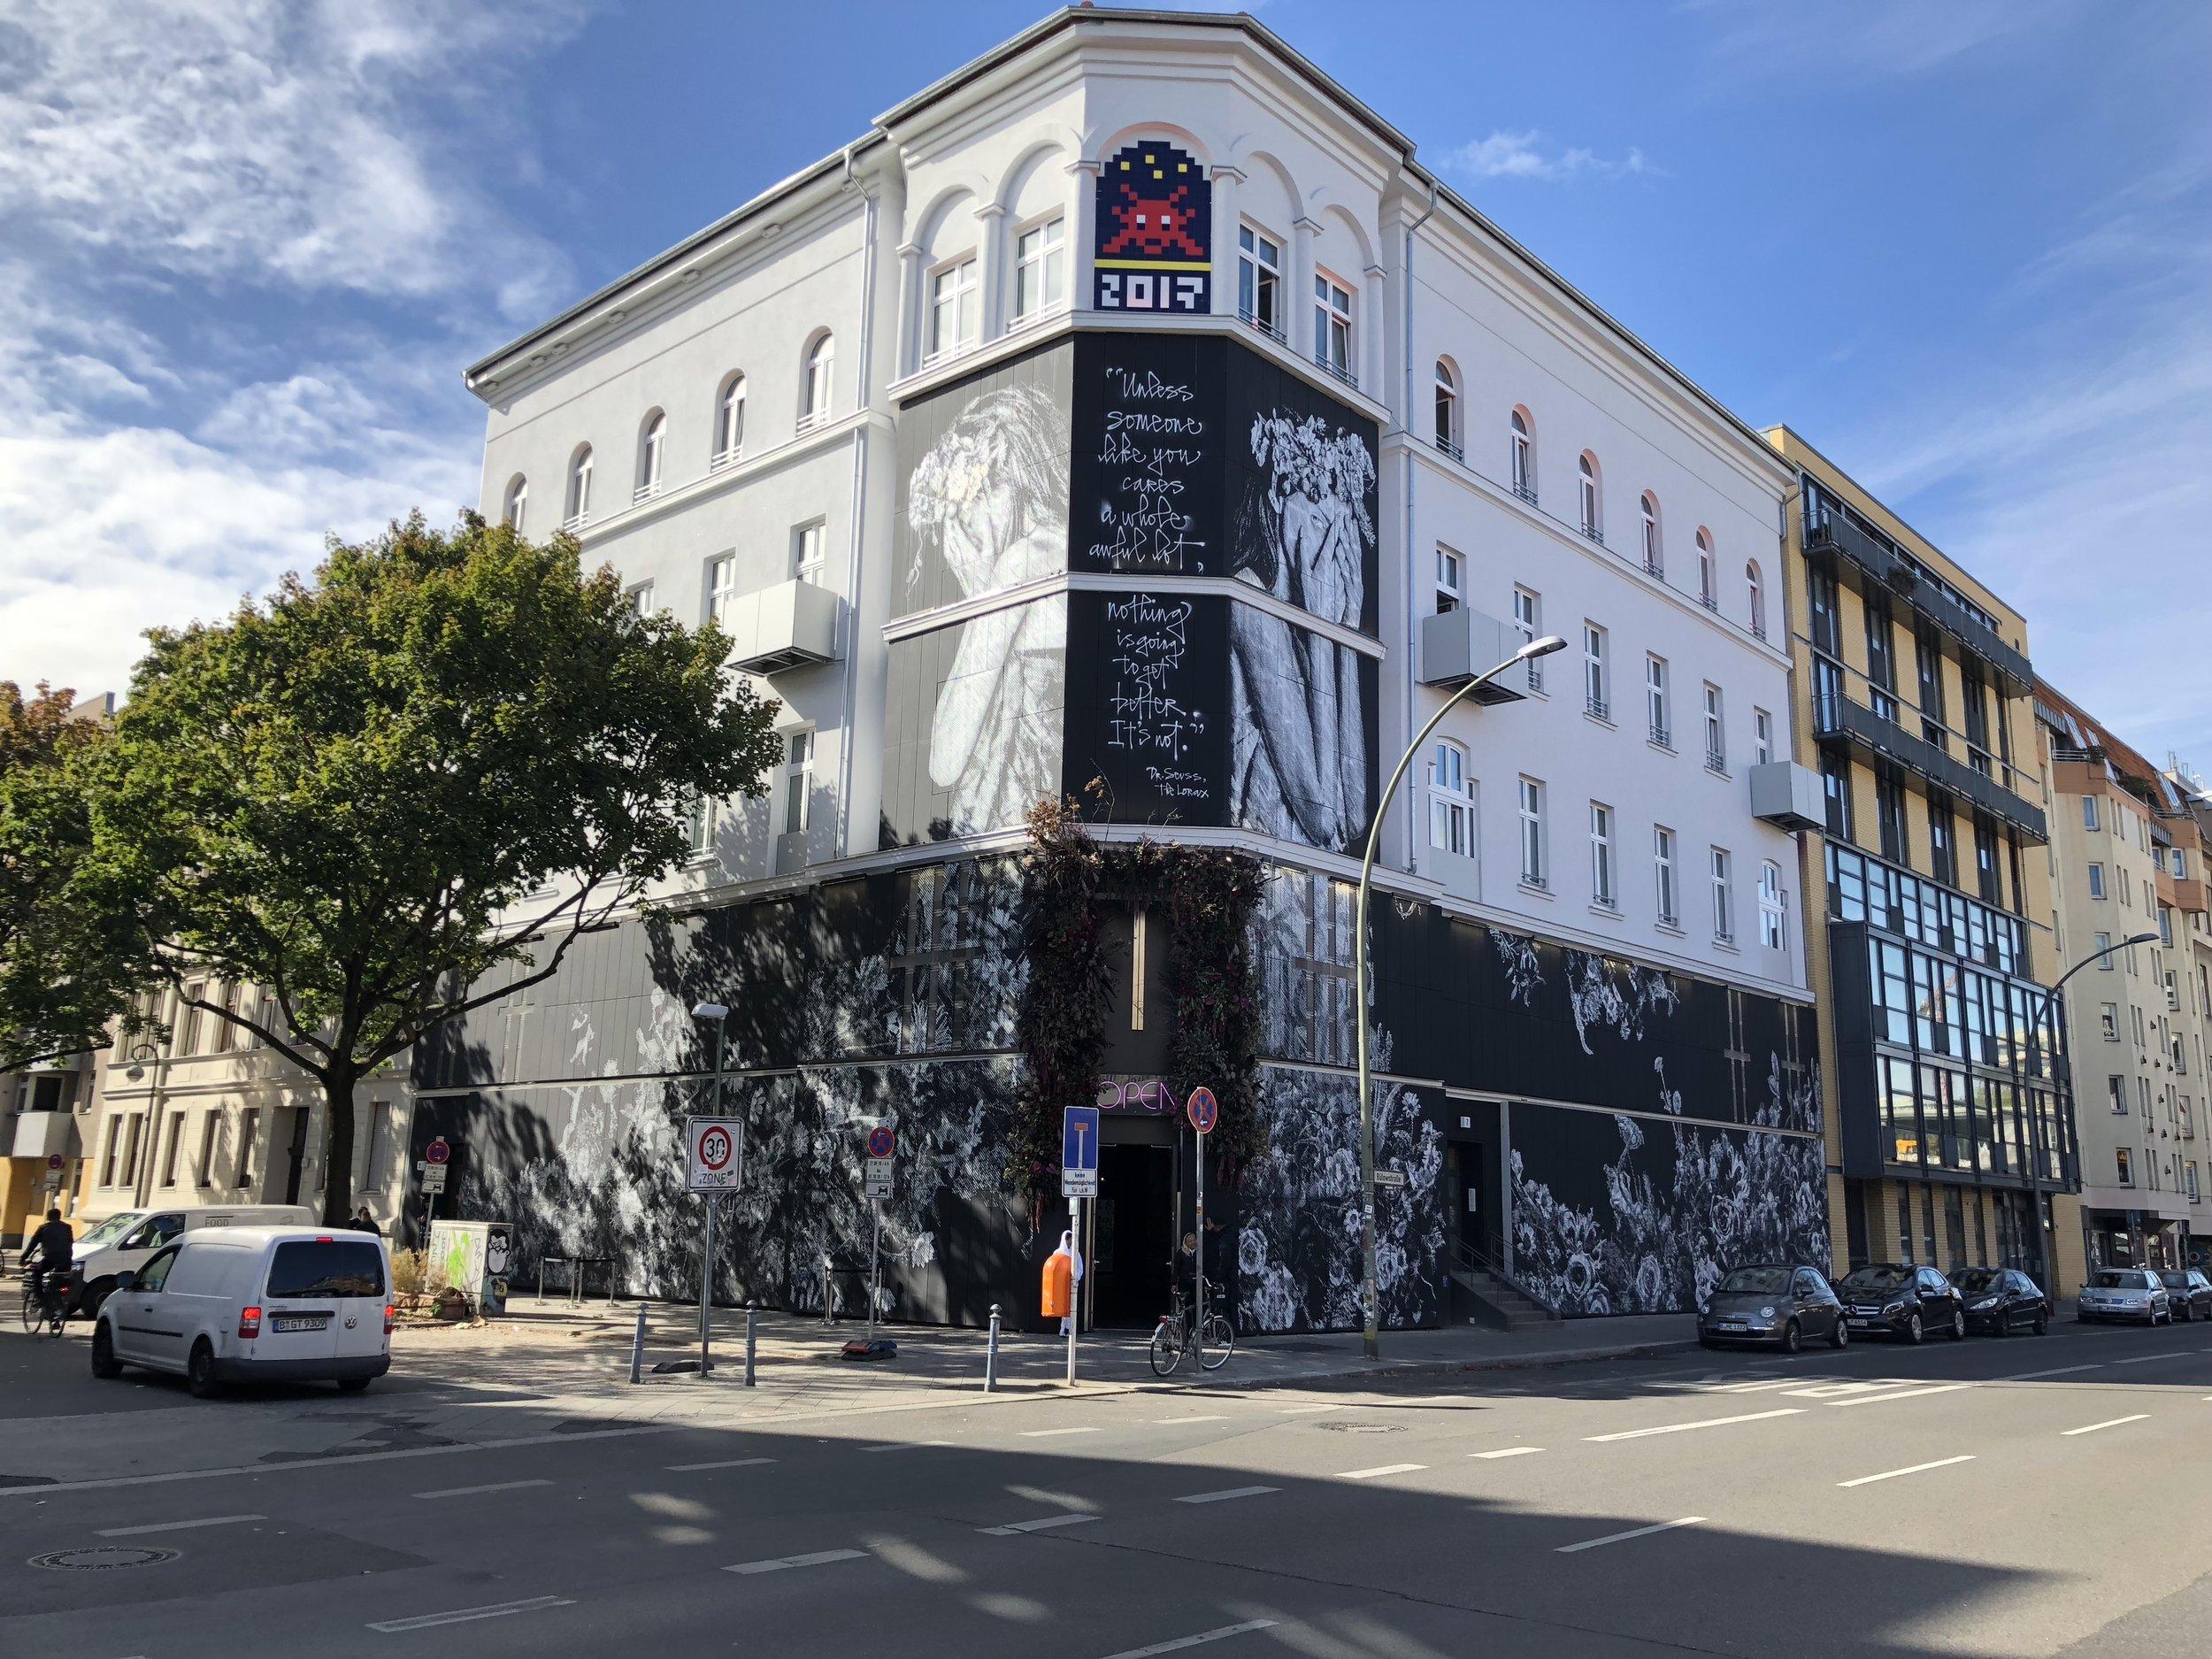 Urban Nation hadde fått ny fasade for anledningen. Kunstnerduoen Snik med litt teksthjelp fra Herakut står bak den.